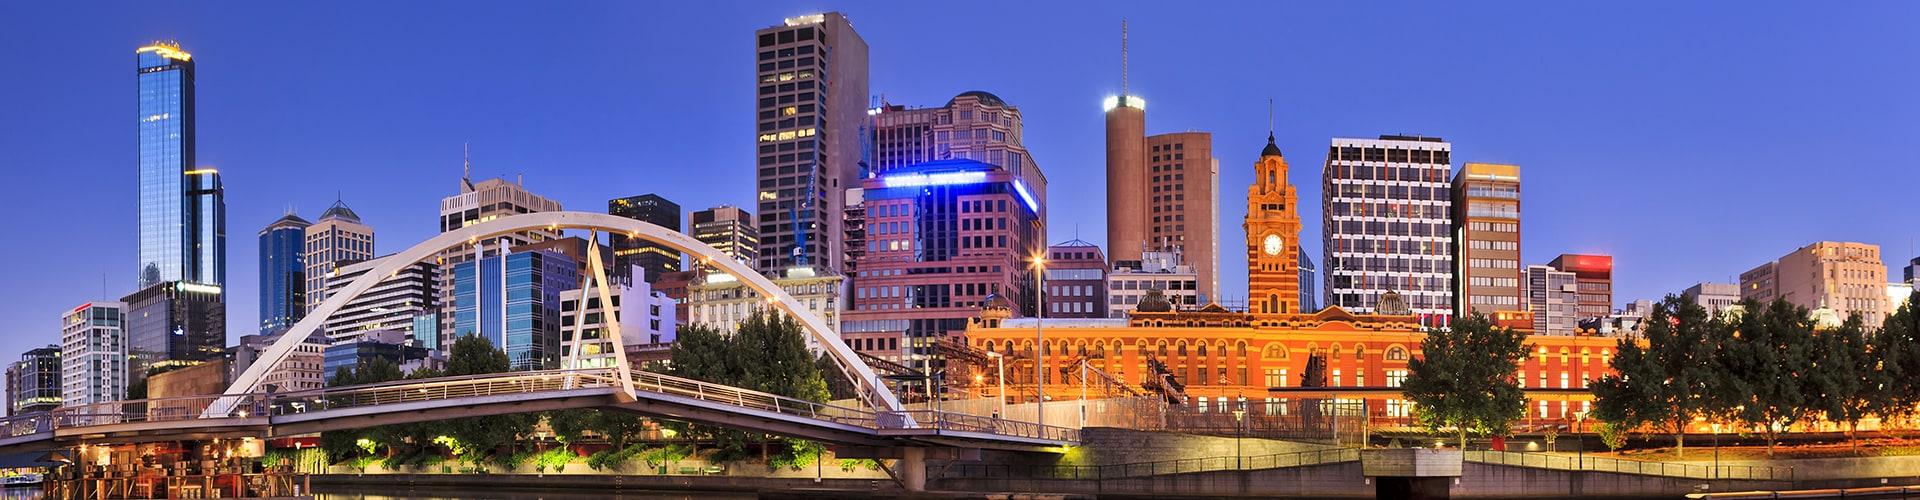 Trabajo en Australia - Melbourne - Estudiar y trabajar en australia